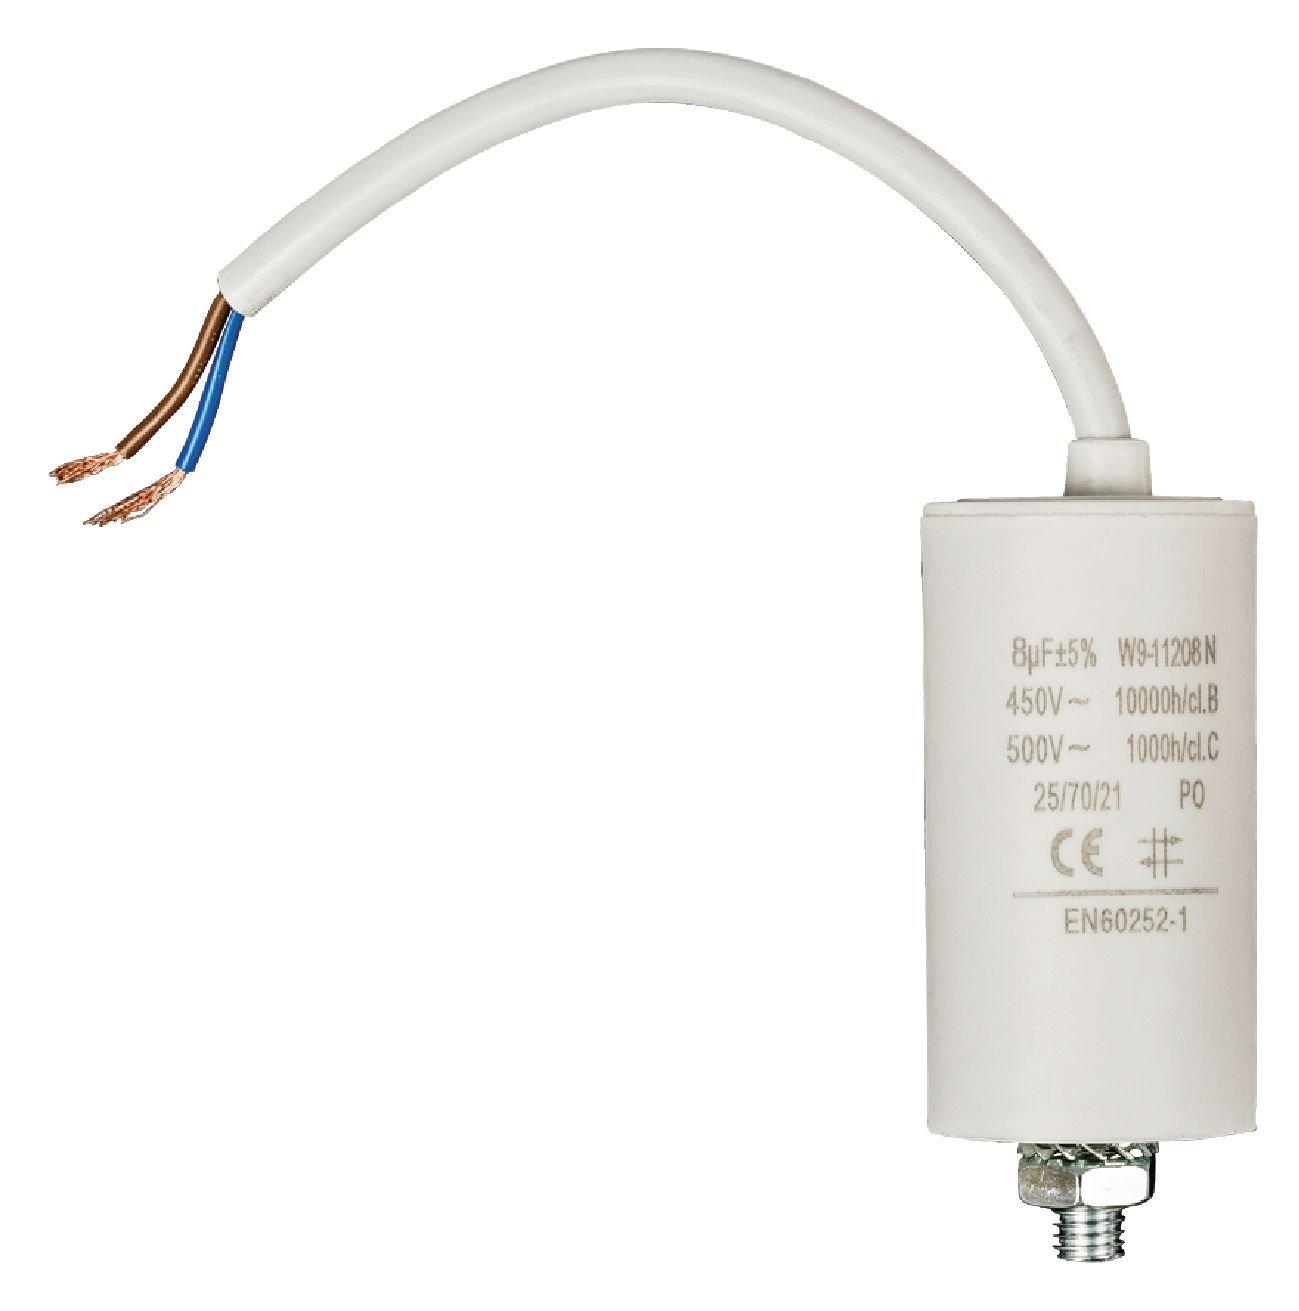 //-5/% 450V CONDENSATEUR MOTEUR ELECTRIQUE 8 /µF 8uF CABLE NORME EN60252 NEUF